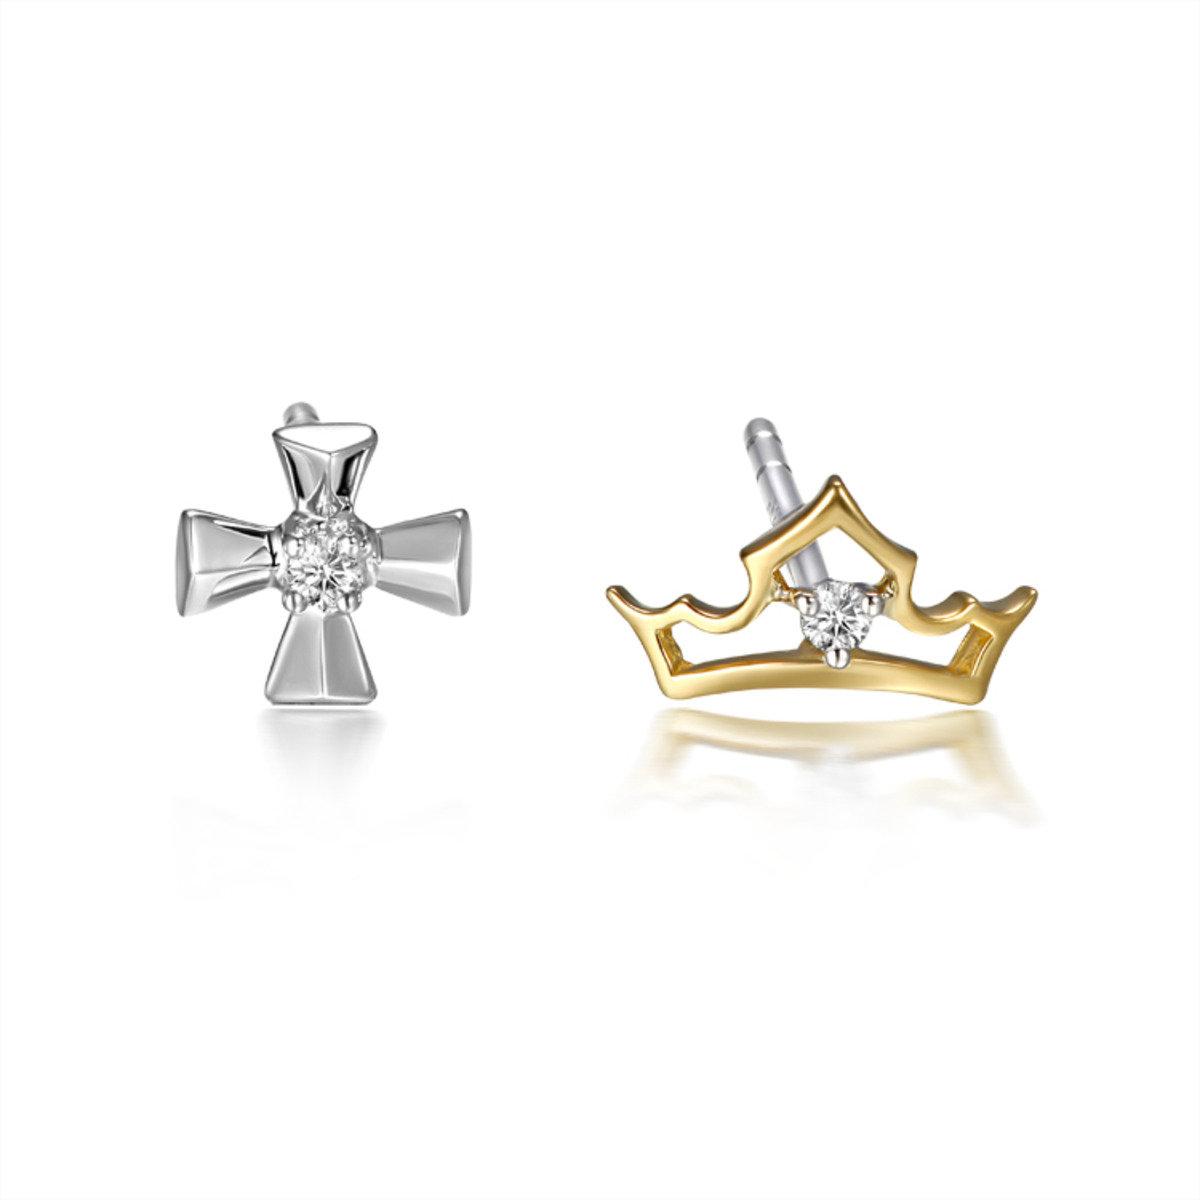 18K/ 750黃, 白兩色黃金迪士尼公主系列鑲天然鑽石耳環